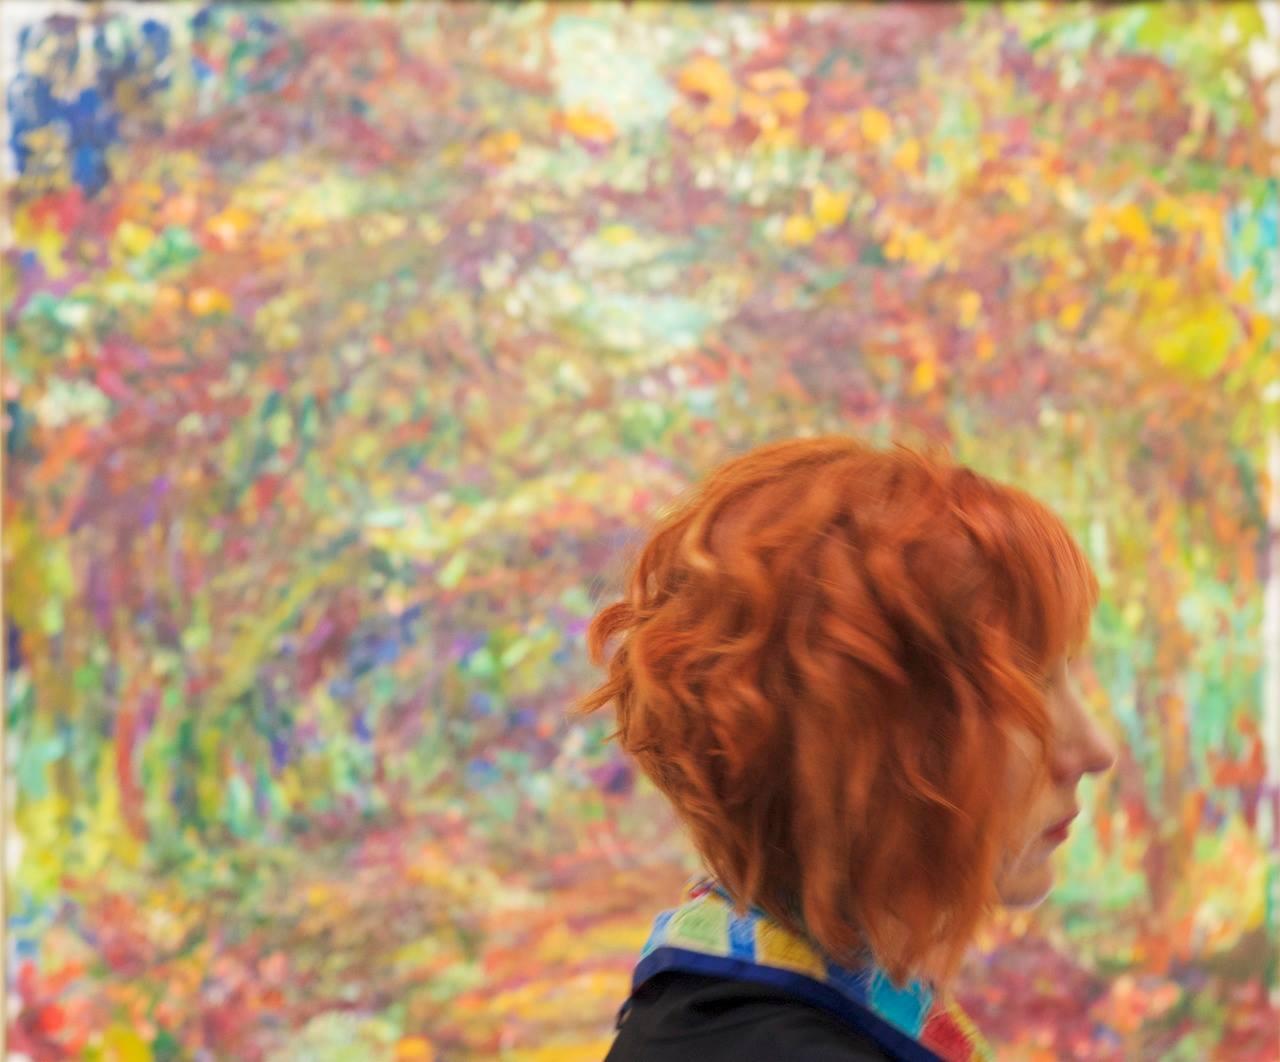 מבקרים במוזיאון שתואמים ליצירות אמנות